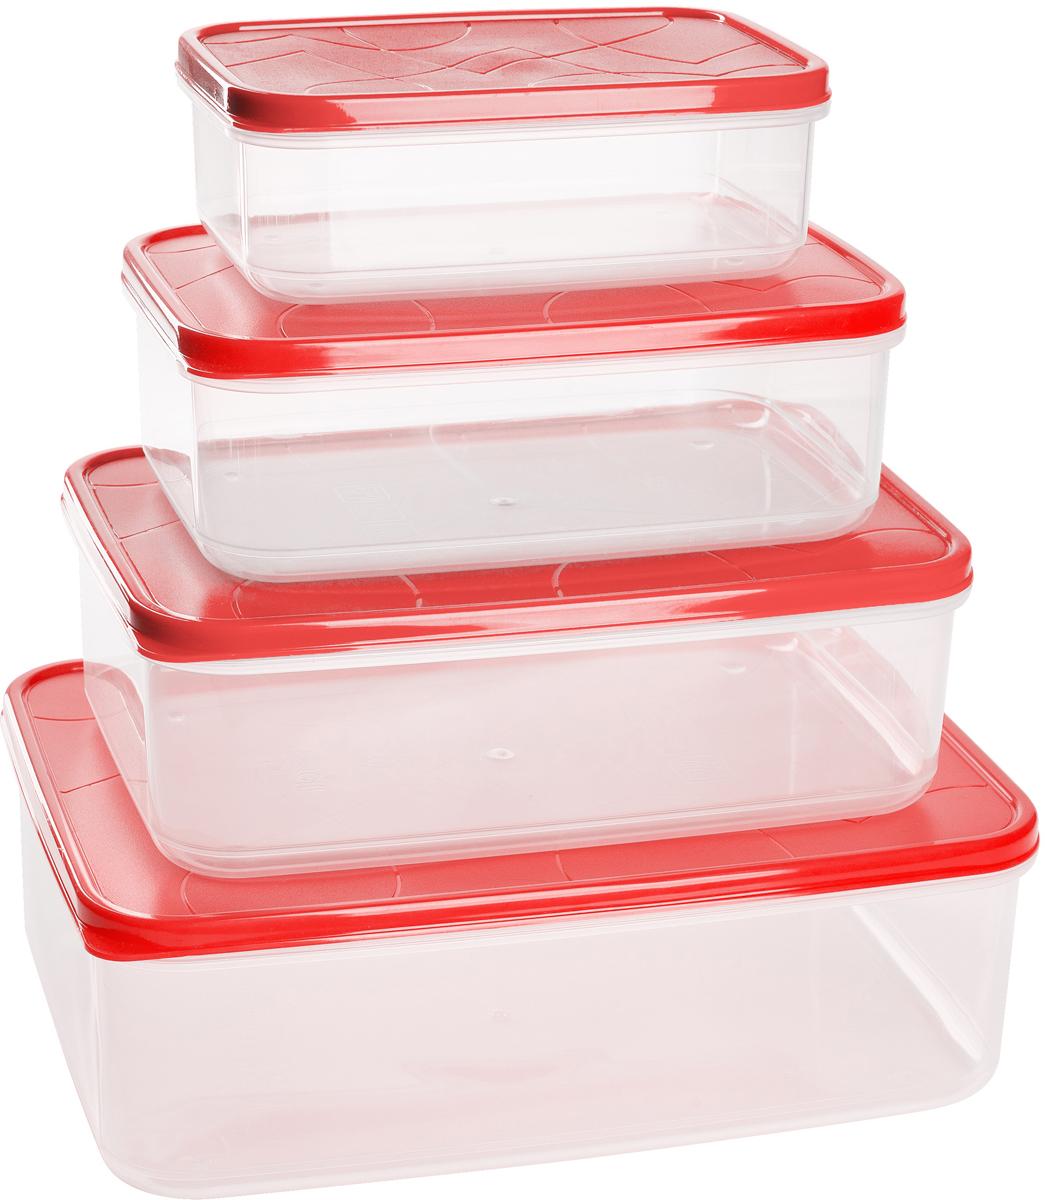 """Комплект контейнеров для продуктов Giaretti """"Vitamino"""", цвет: черри, 0,5 л + 1 л + 1,5 л + 2,5 л, 4 шт"""